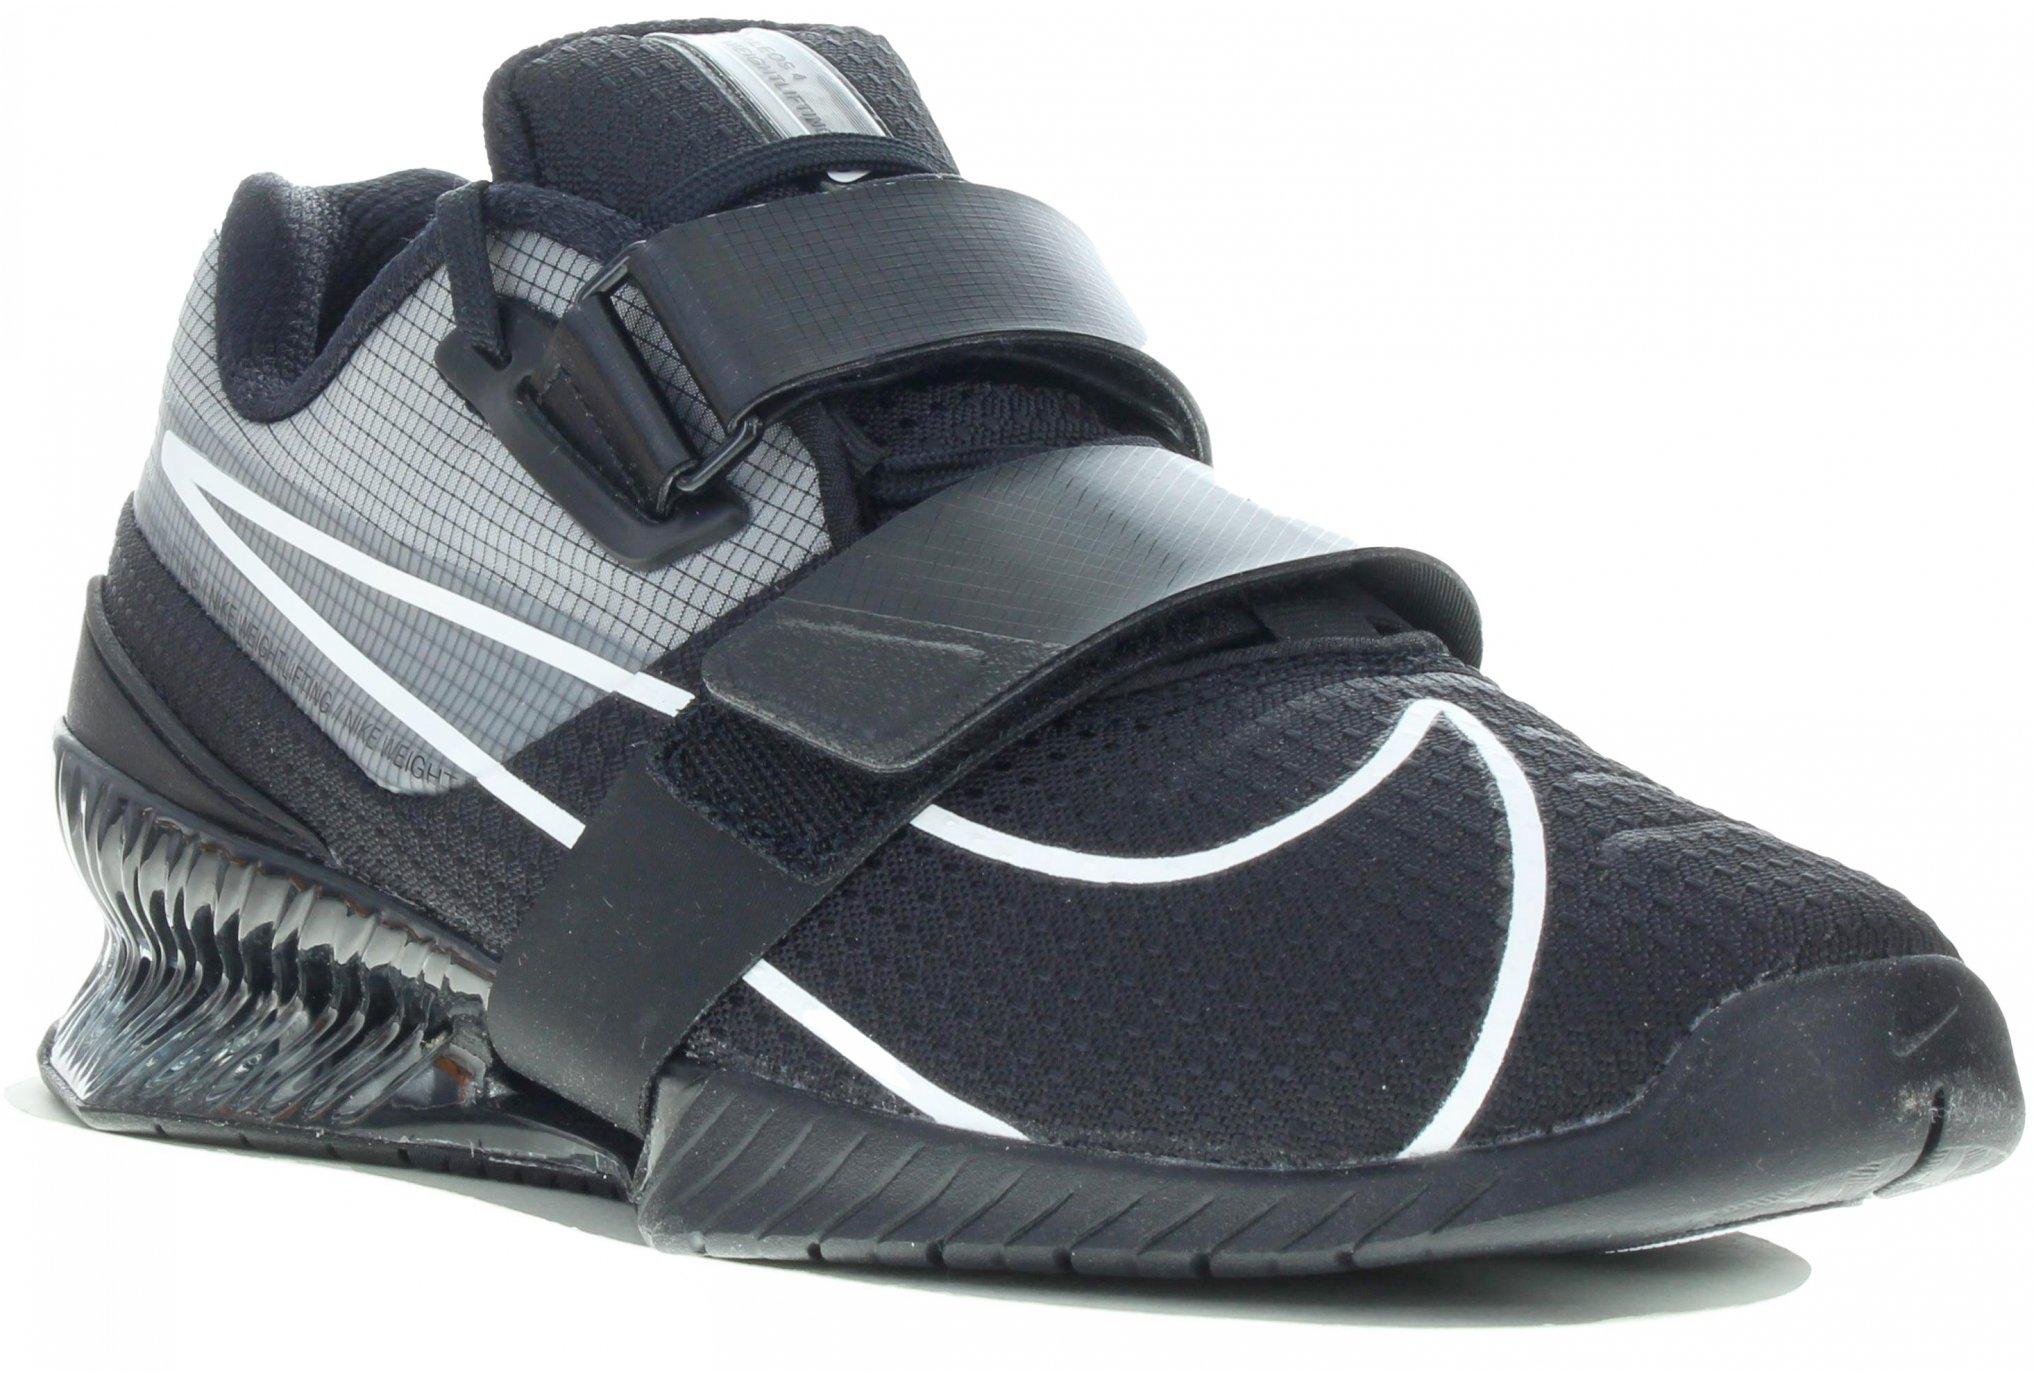 Nike Romaleos 4 M Diététique Chaussures homme